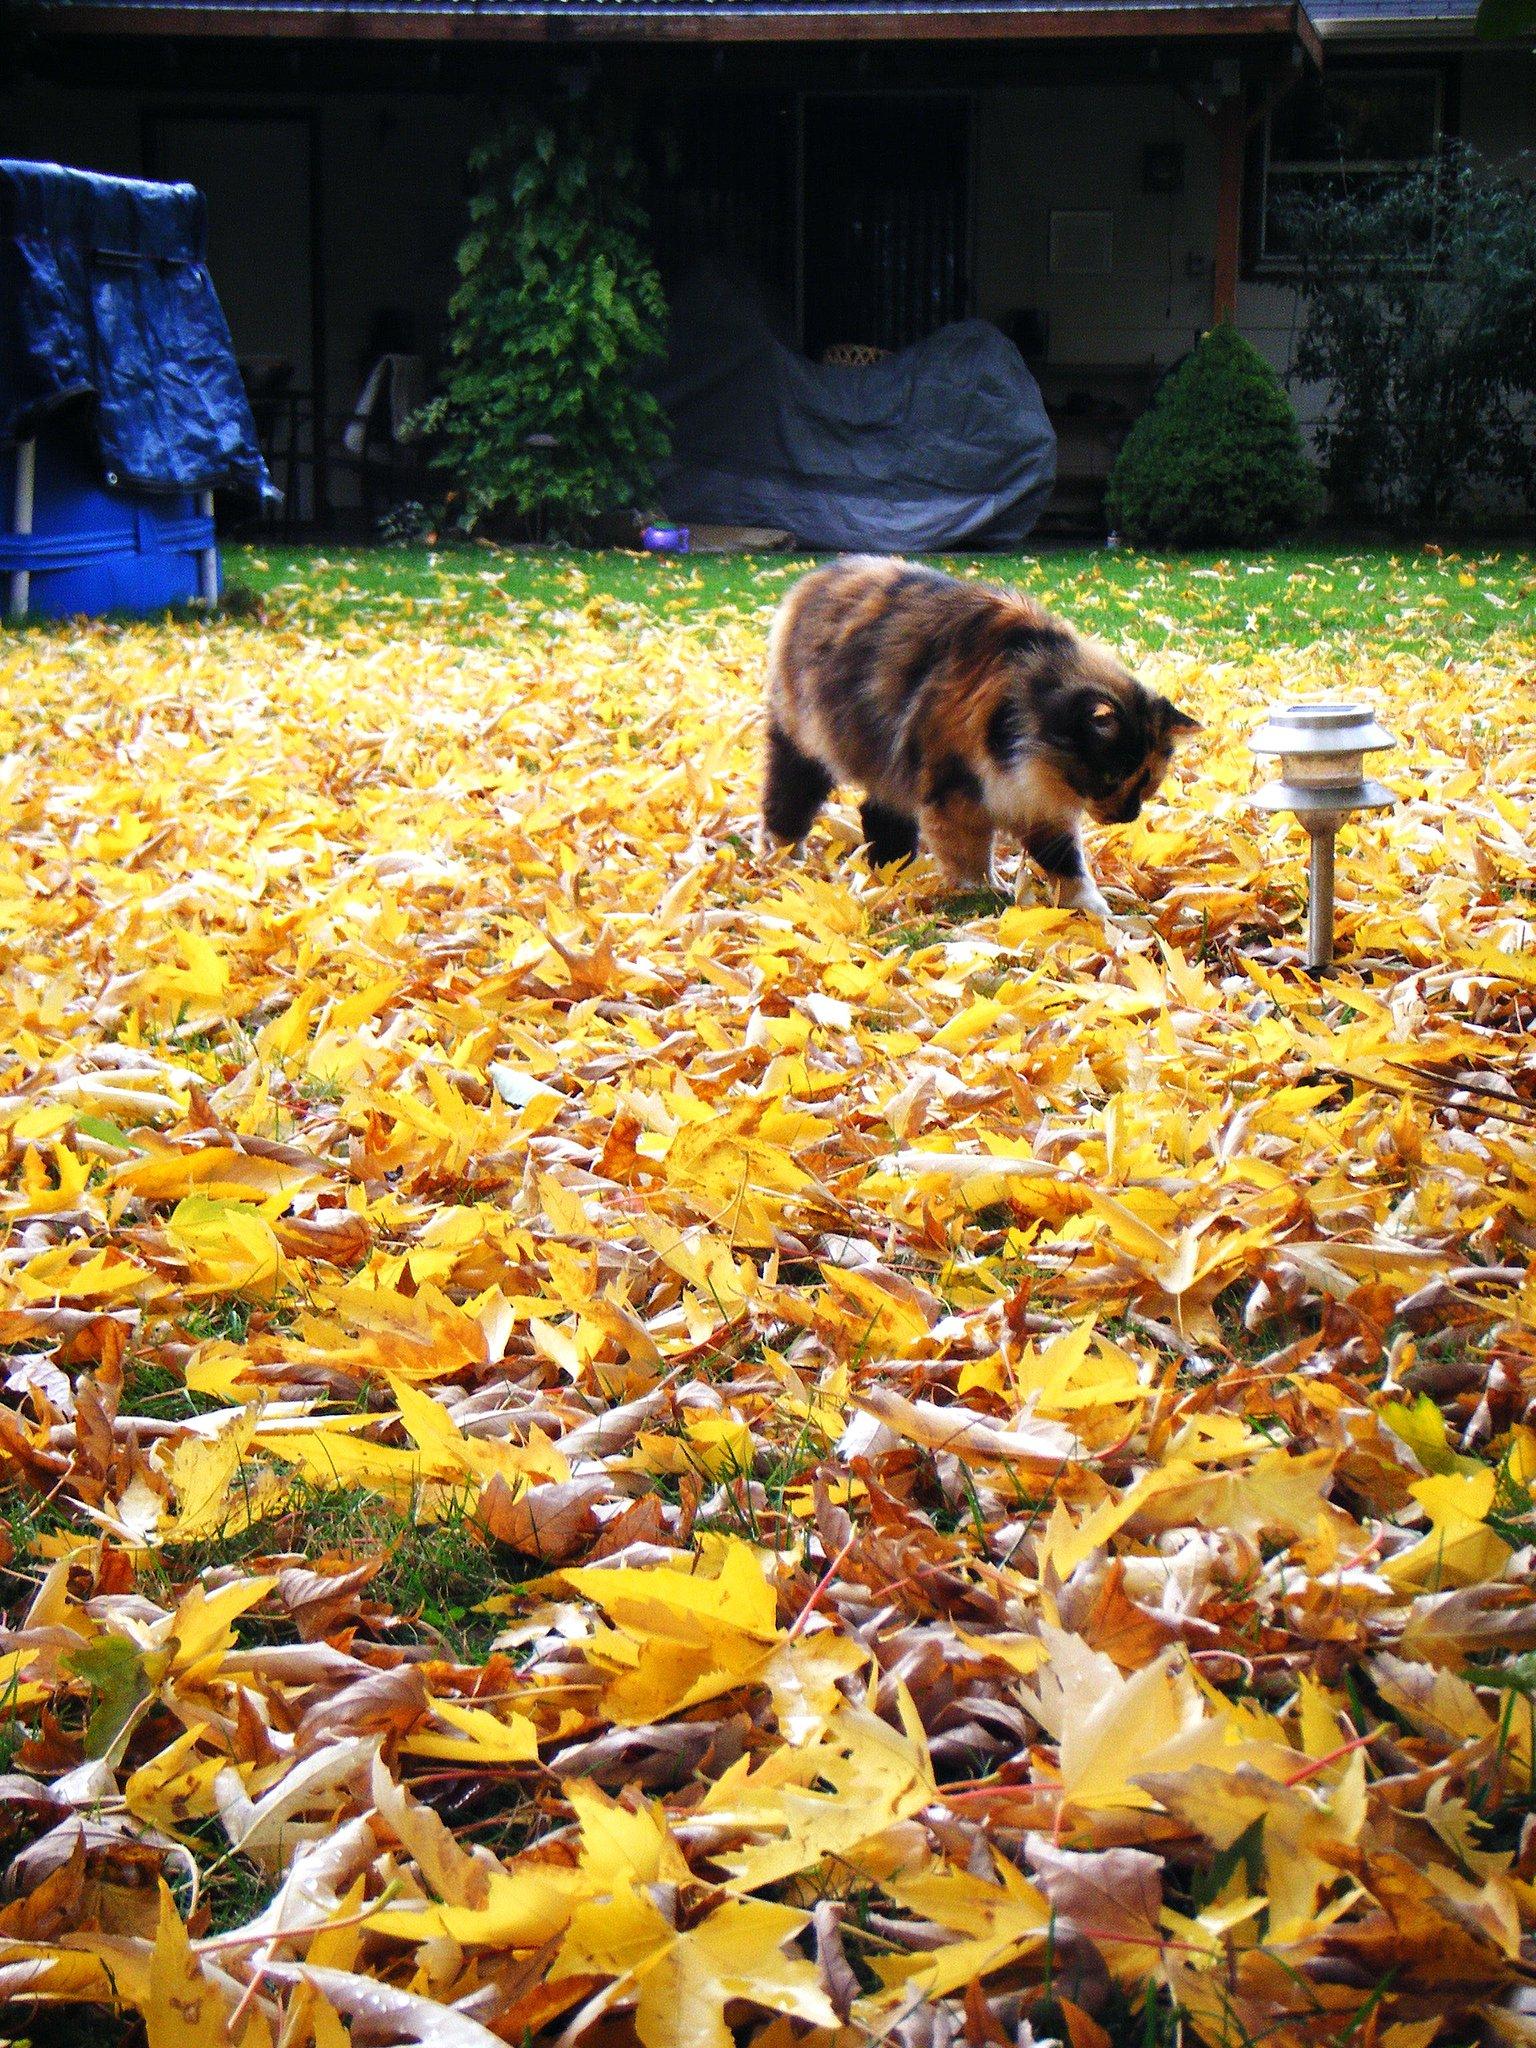 Leave no leaf unturned. Source: Flickr user McD22